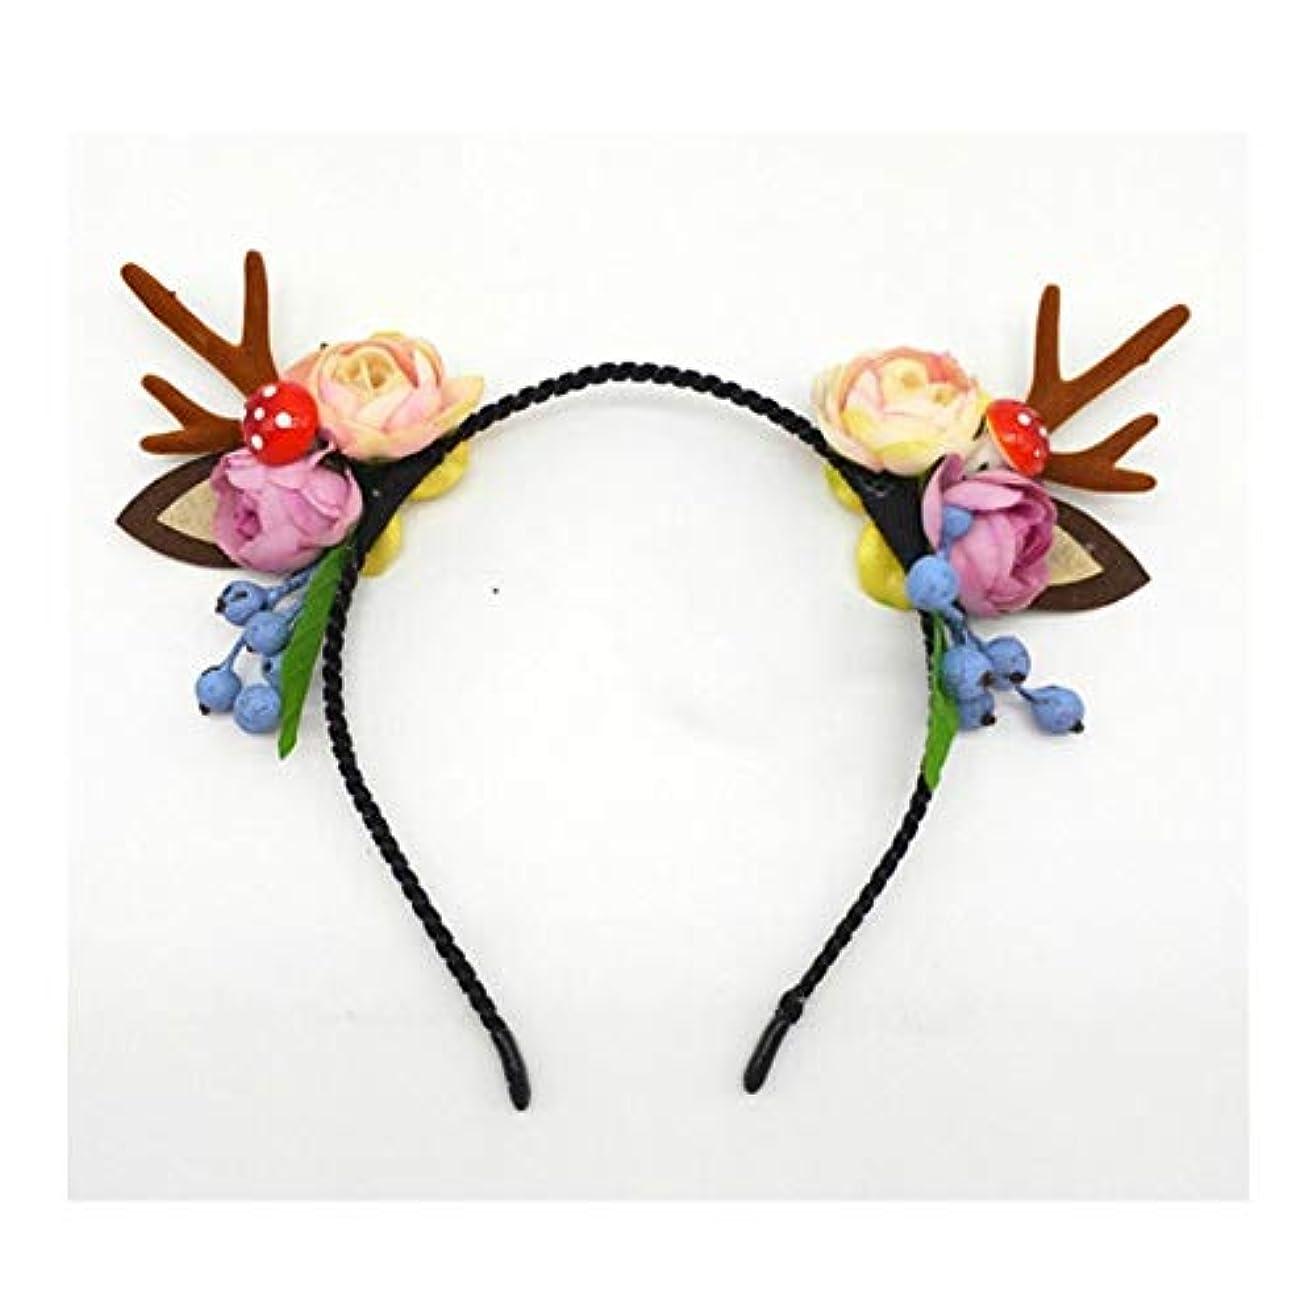 偏見オール方法クリスマス枝角ヘッドジュエリーのヘアピン女性セン女性のヘアアクセサリーは、小さなヘラジカヘッドバンド女性茸の耳白い毛玉ヘアピンヘッドバンド (Style : A)